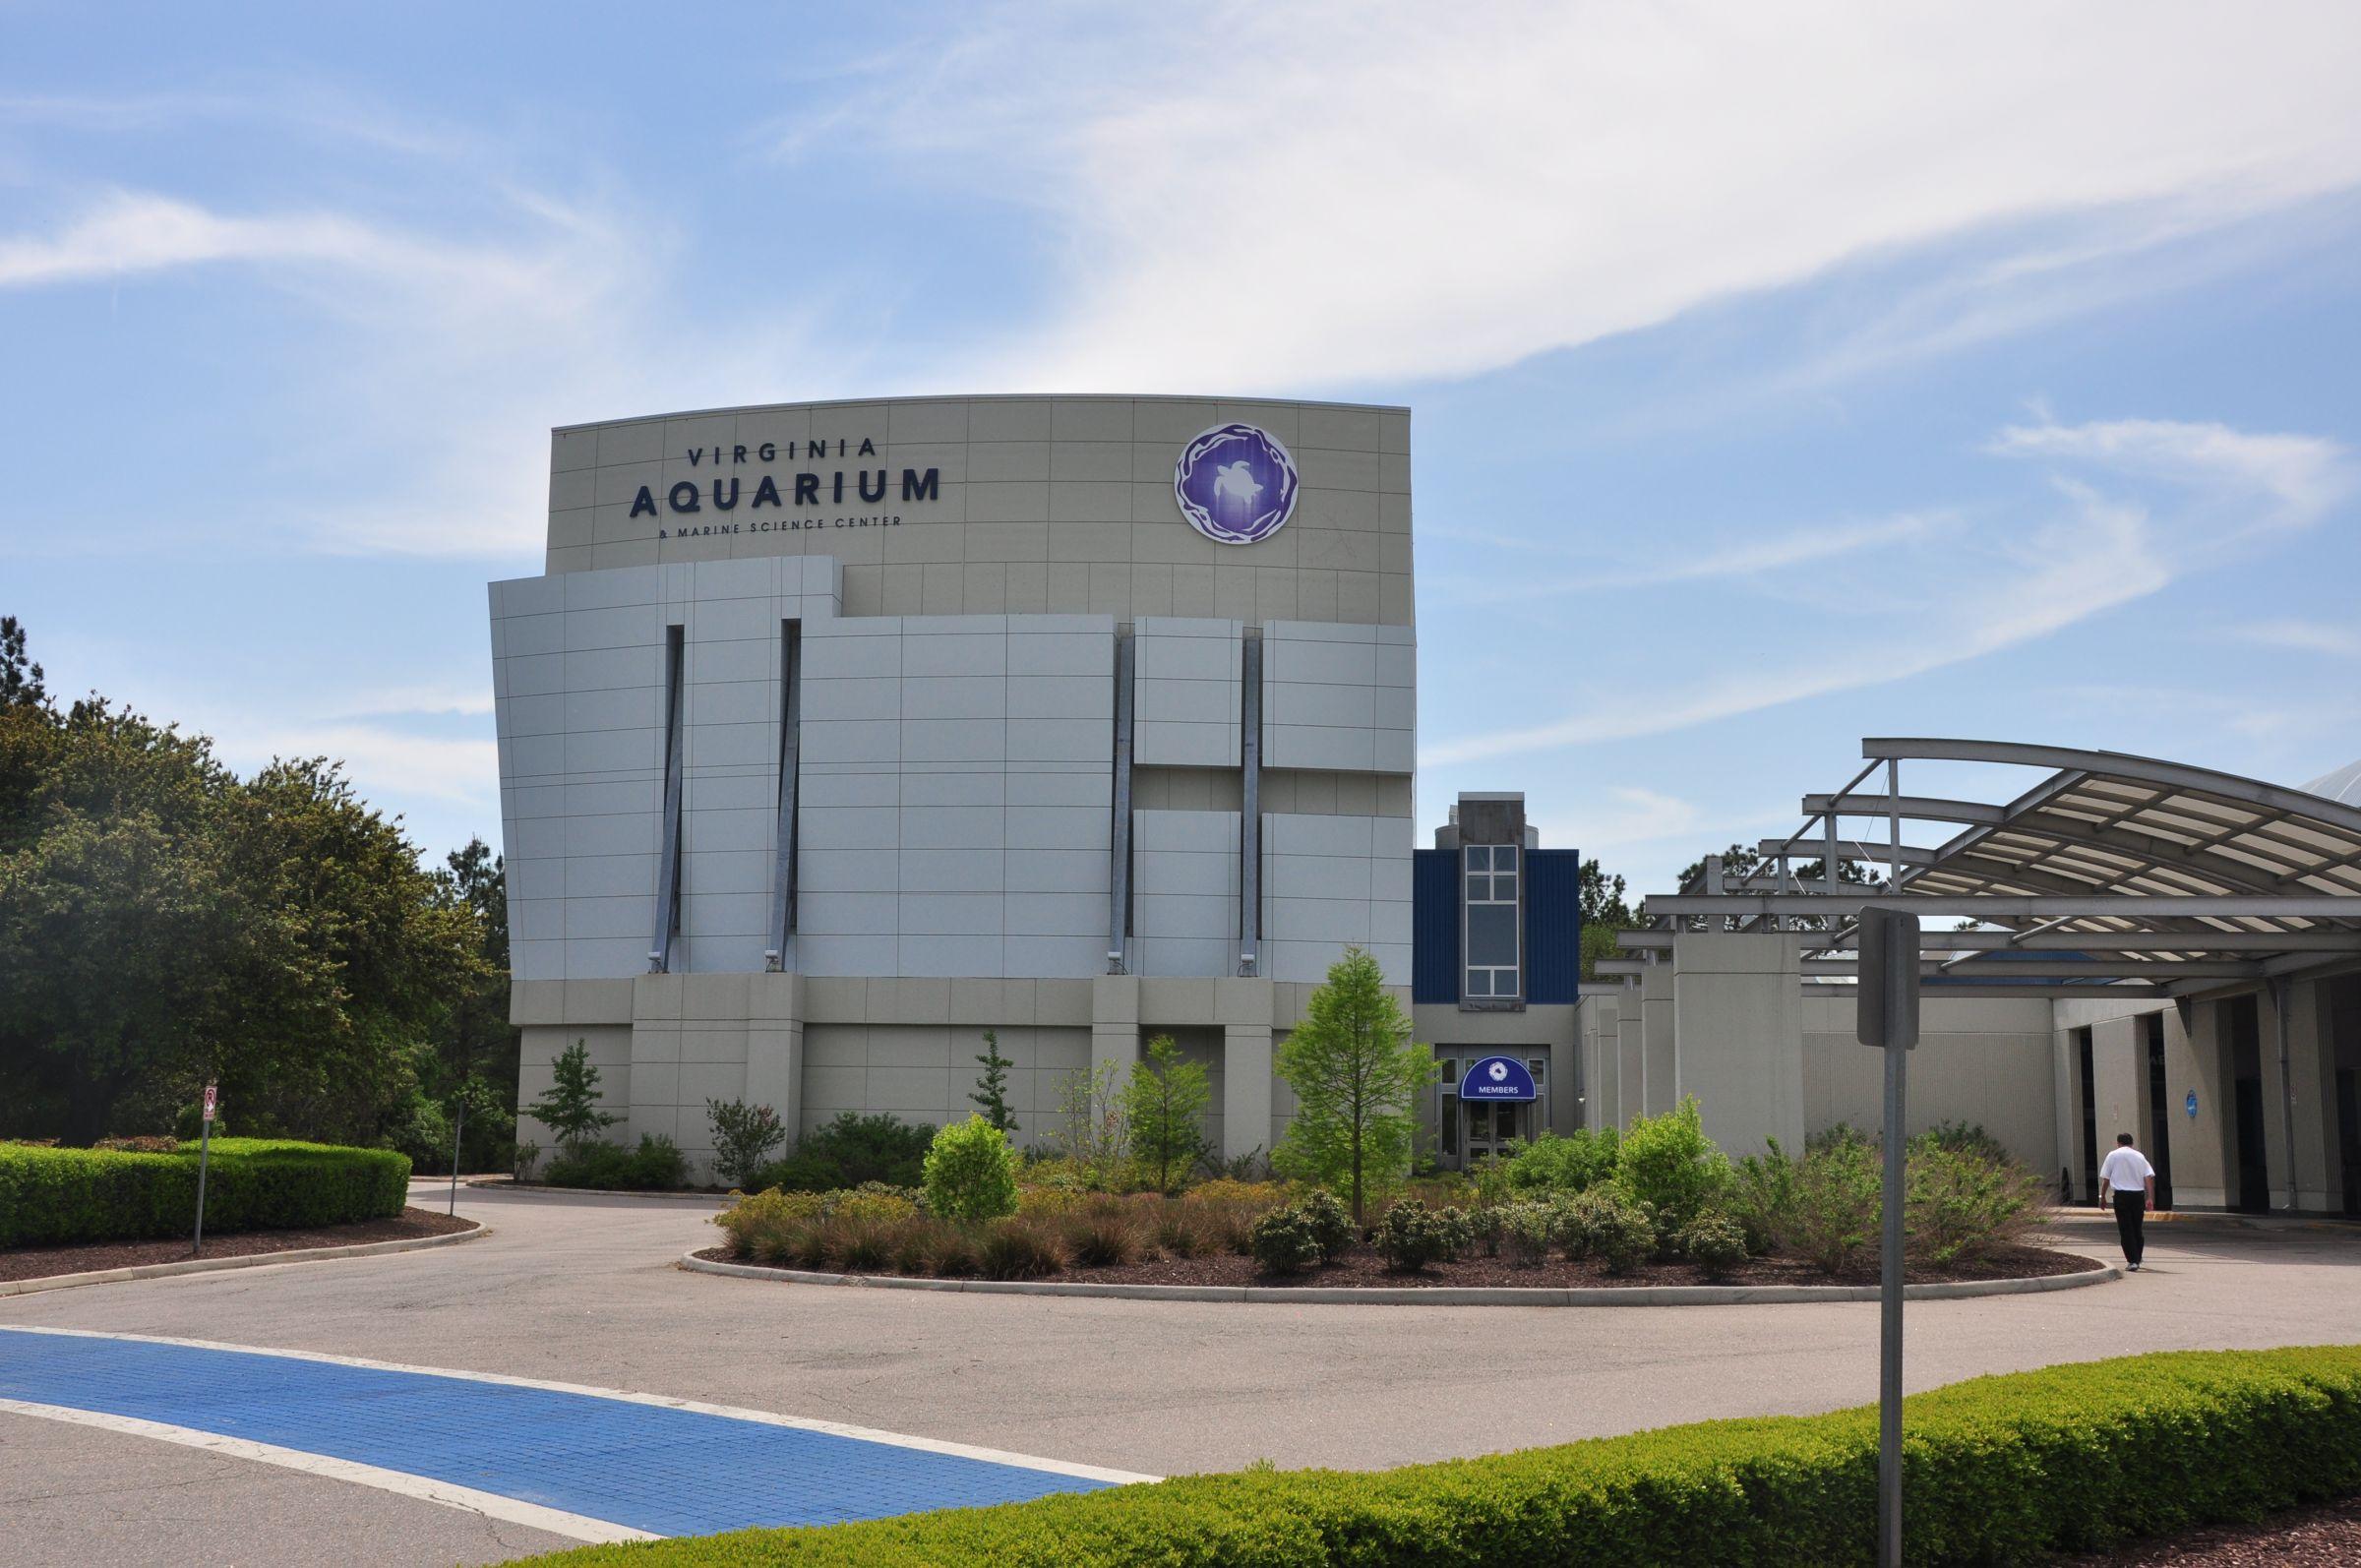 Virginia_Aquarium__Marine_Science_Center_4633704